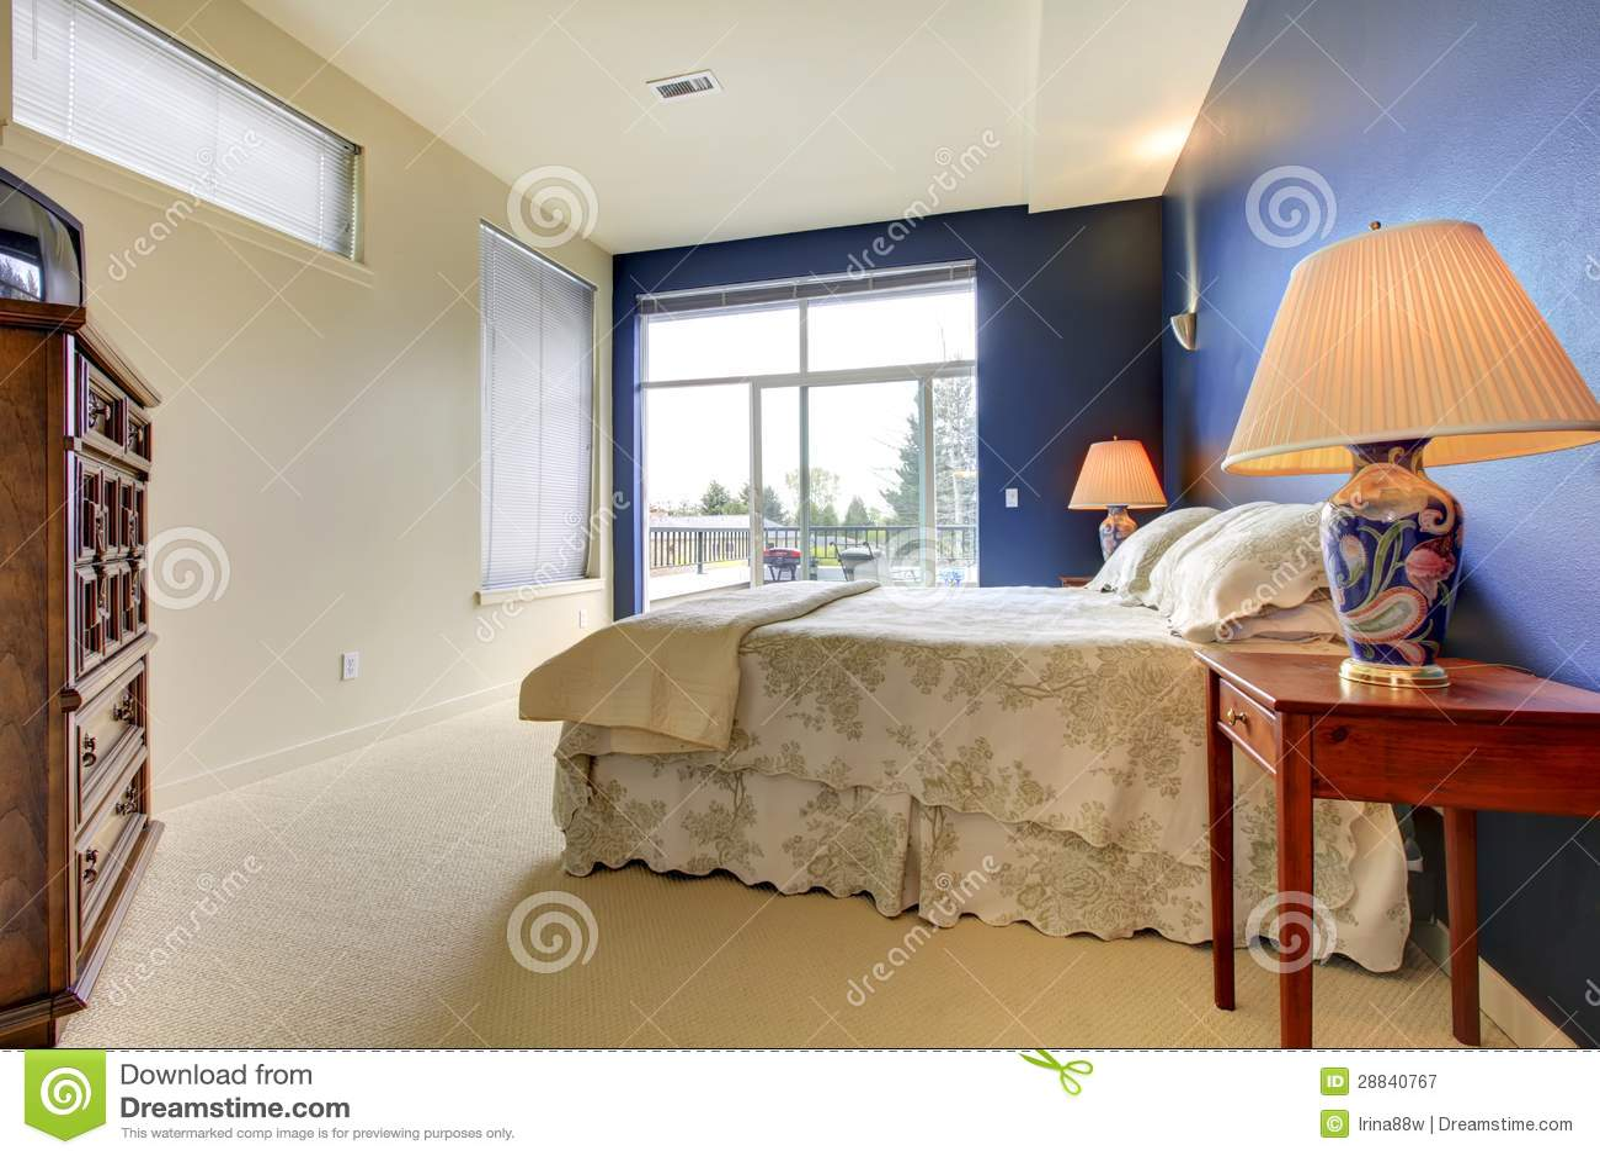 Camera Da Letto Con La Parete Blu E Le Lampade Asiatiche. Immagine Stock - Immagine: 28840767